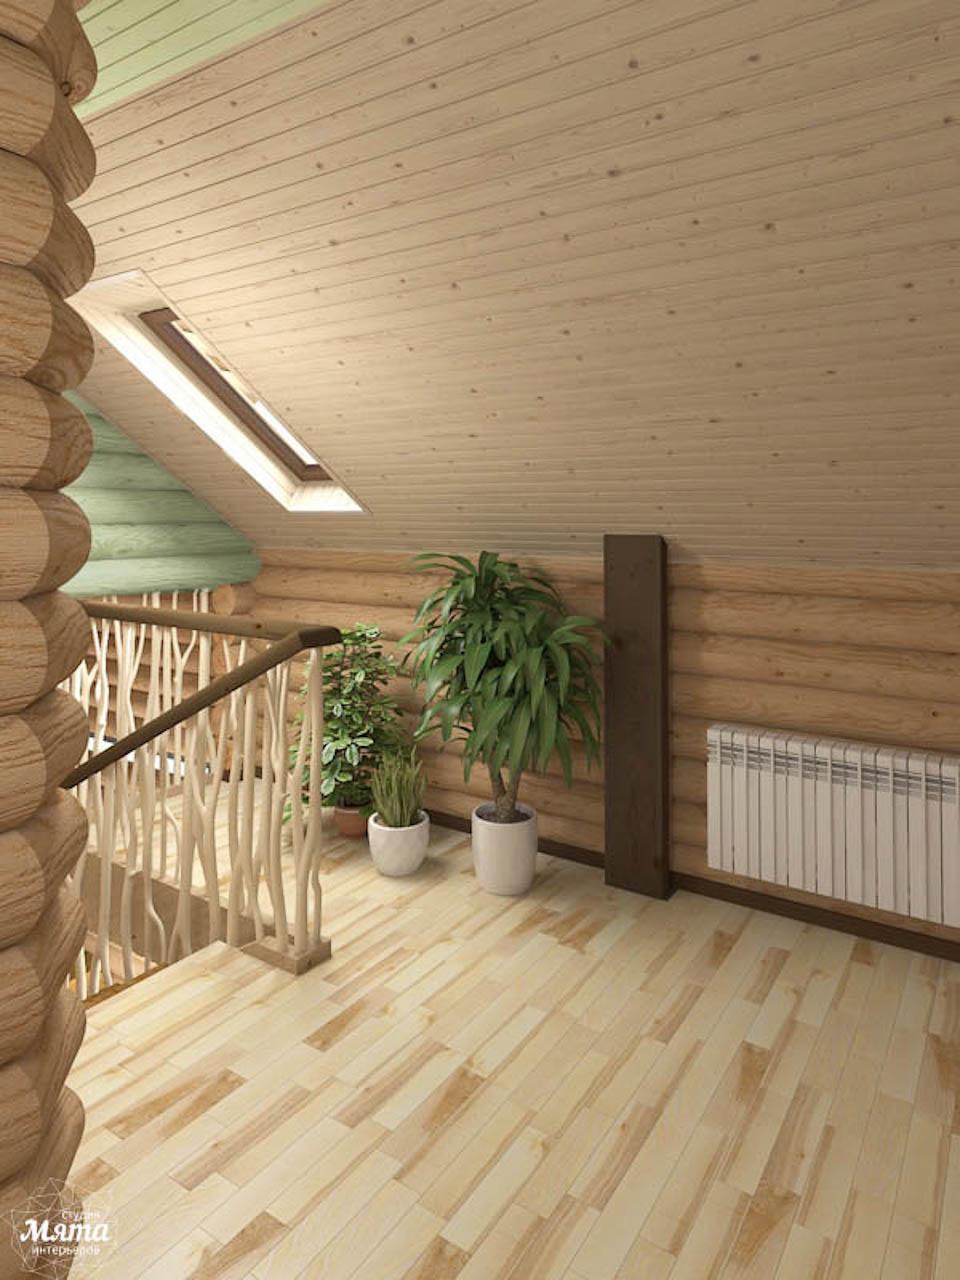 Дизайн интерьера коттеджа в п. В. Сысерть  img870133150